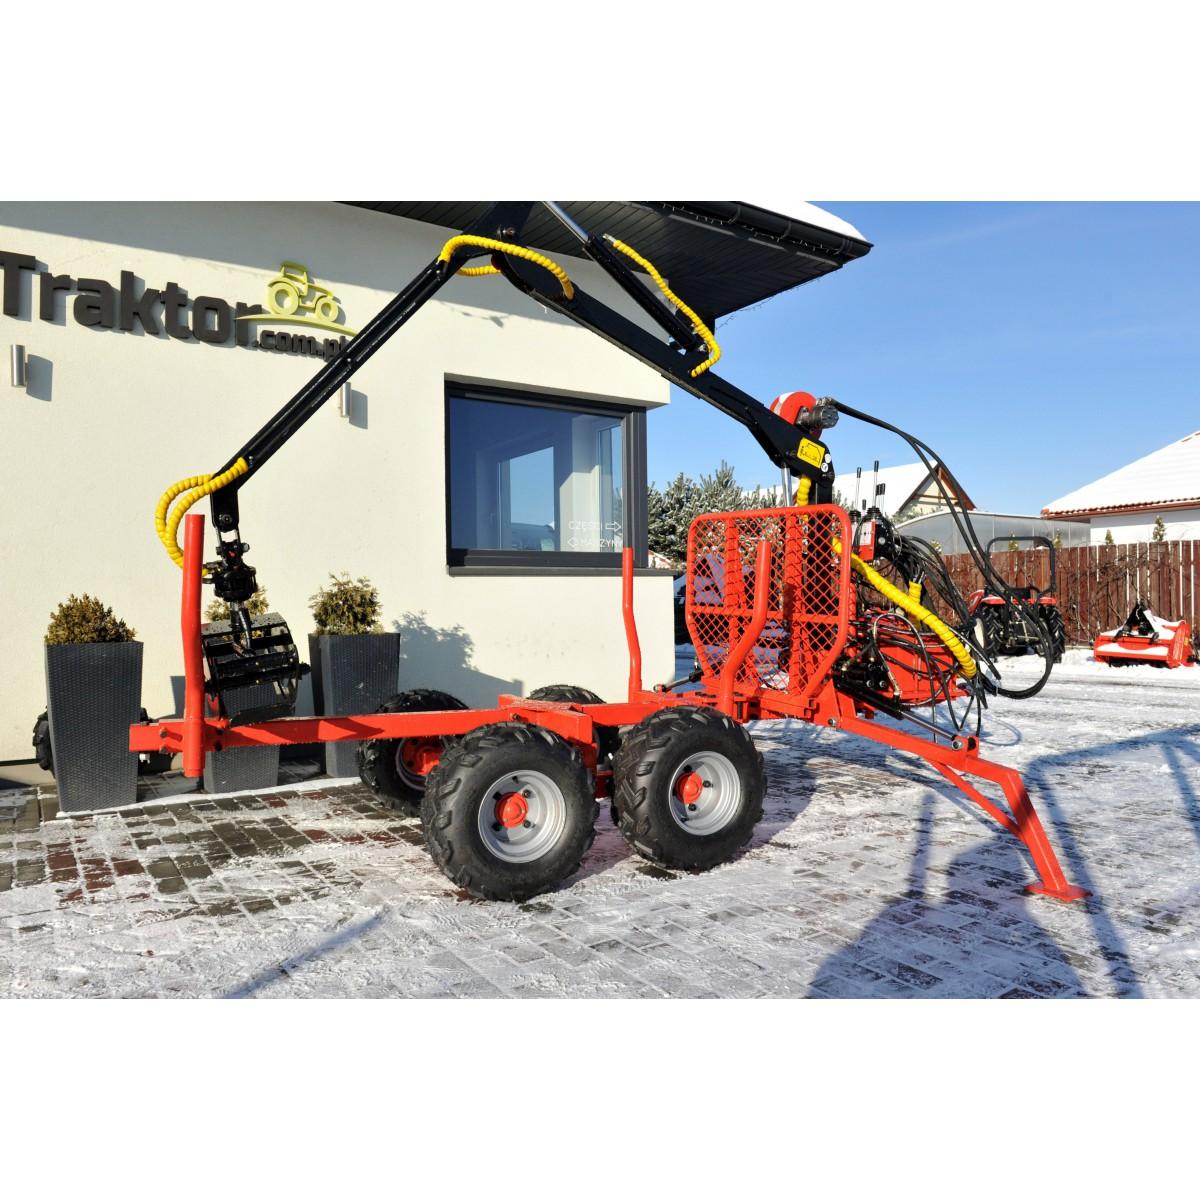 Timber trailer with crane, loader LT1500 HDS 1.5T / 300 kg